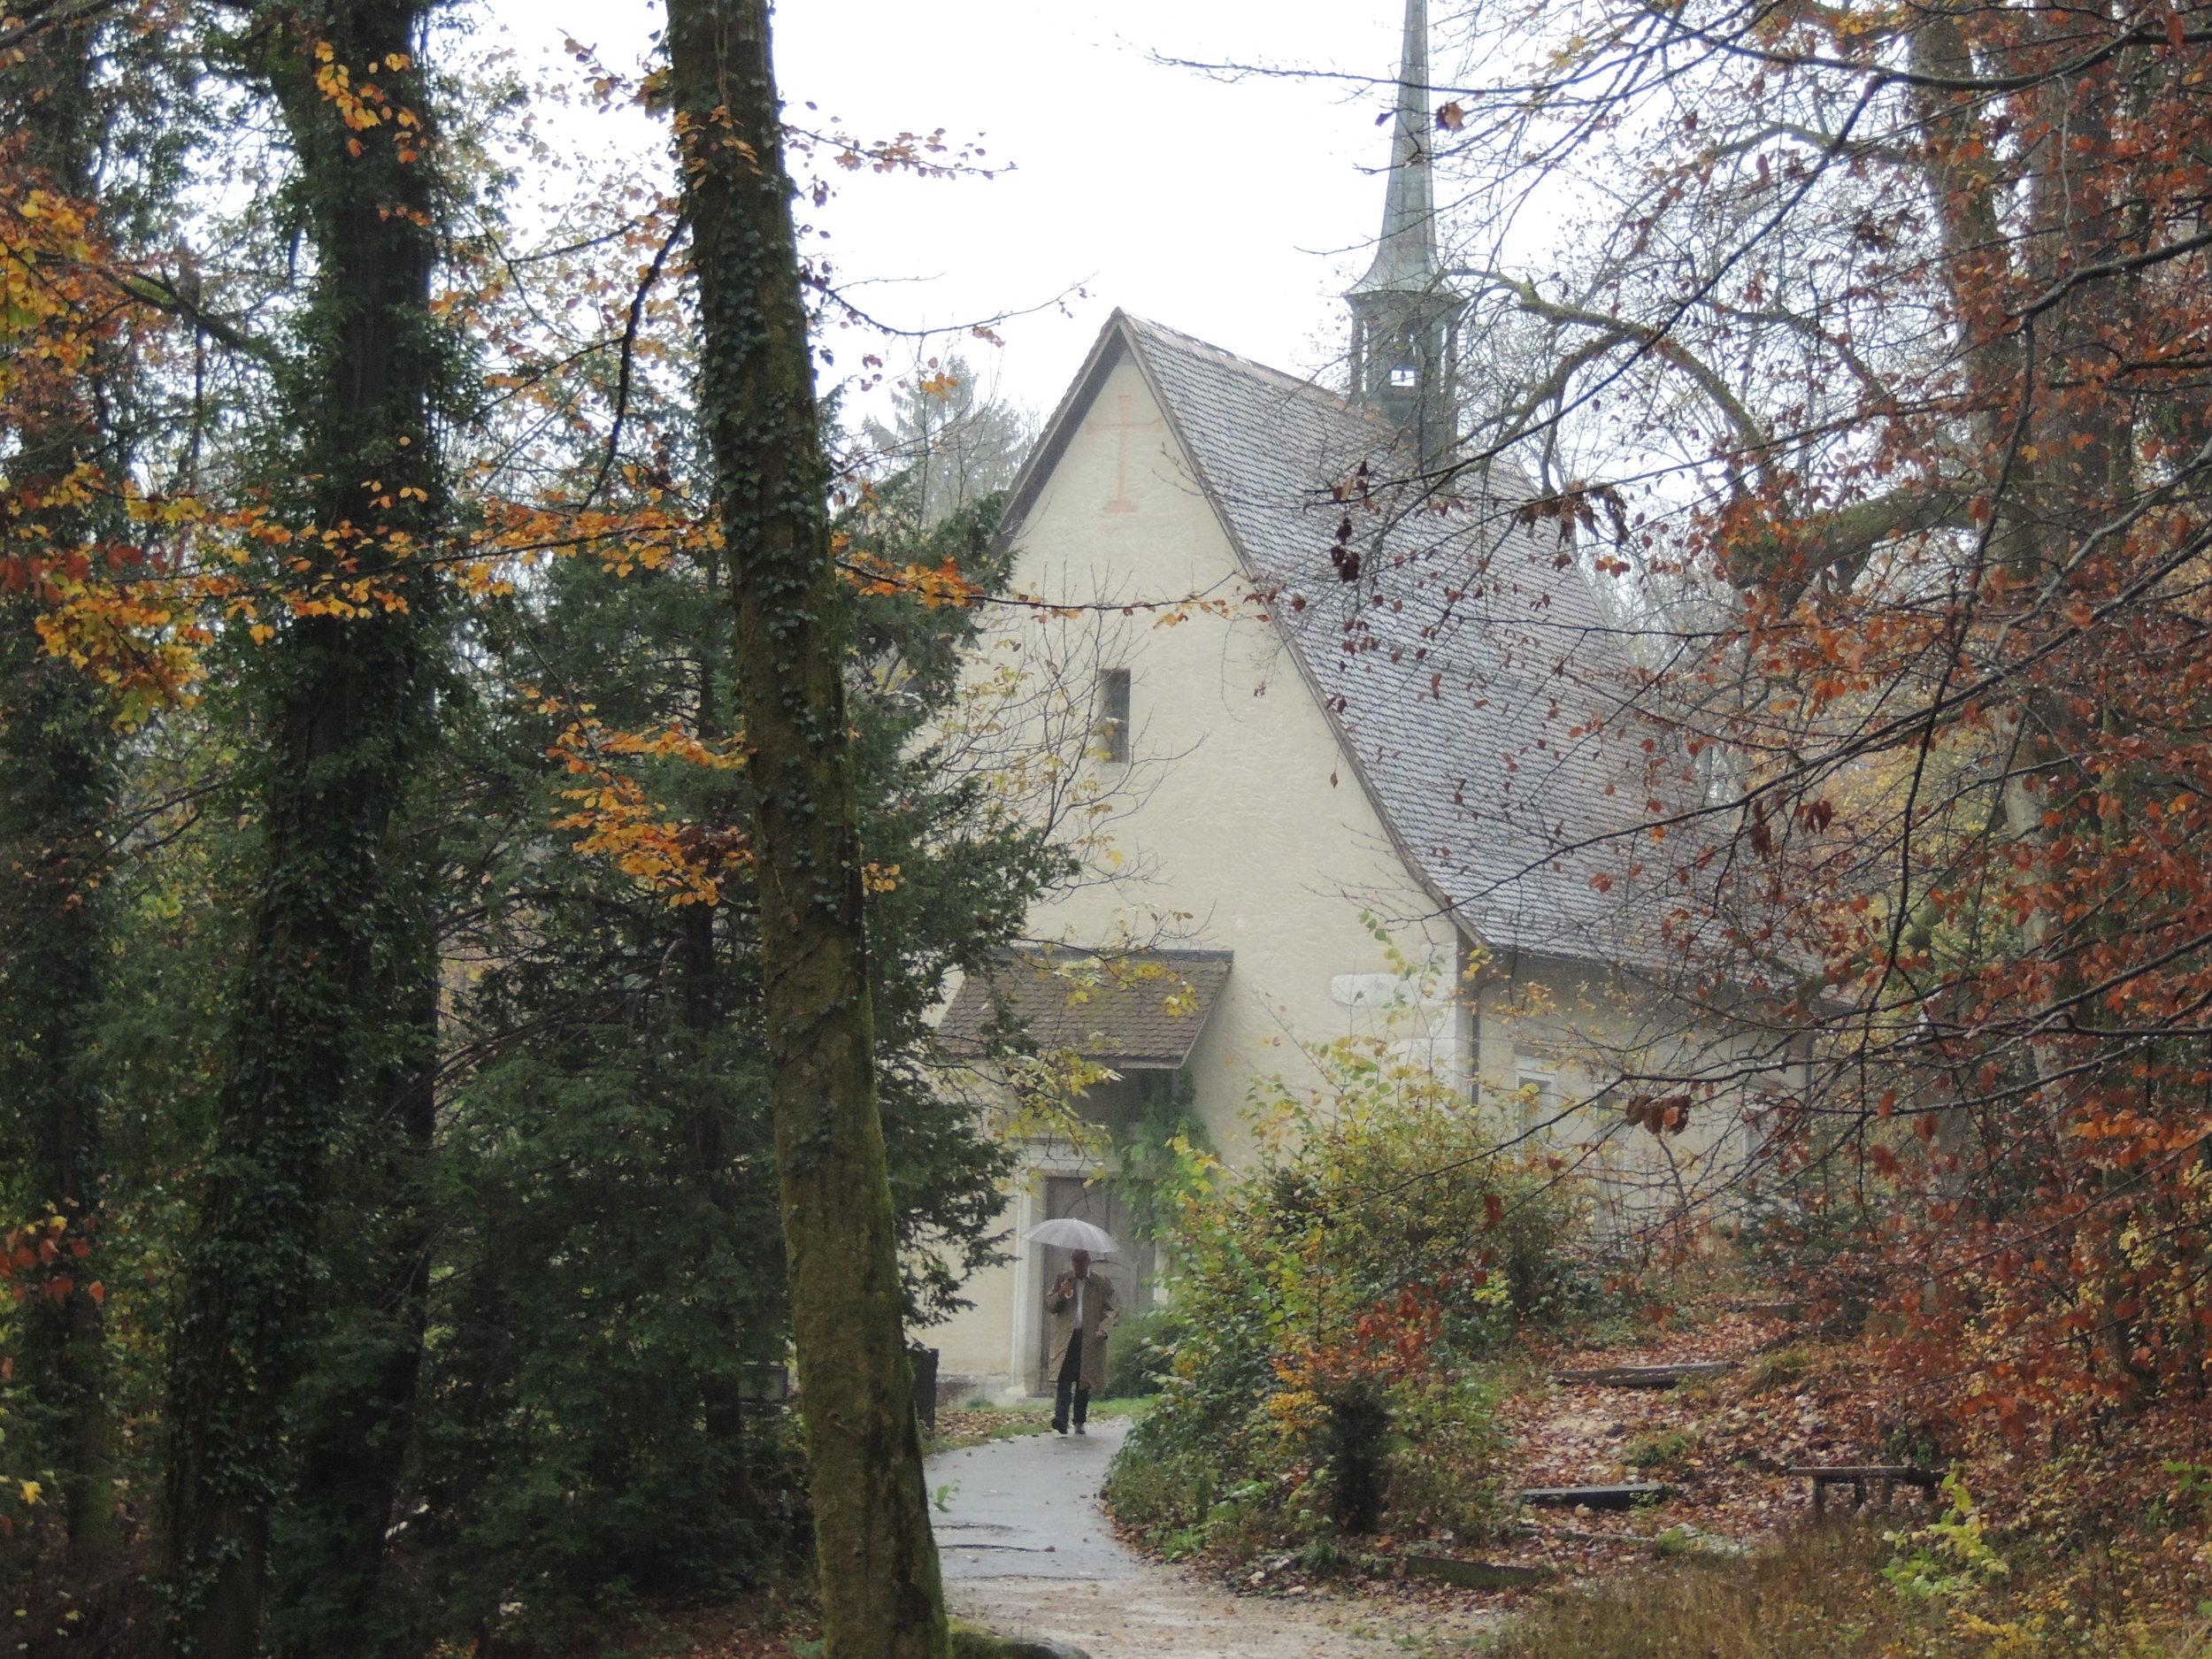 La chapelle von Roll, à Kreuzen, émergeant au détour d'un chemin